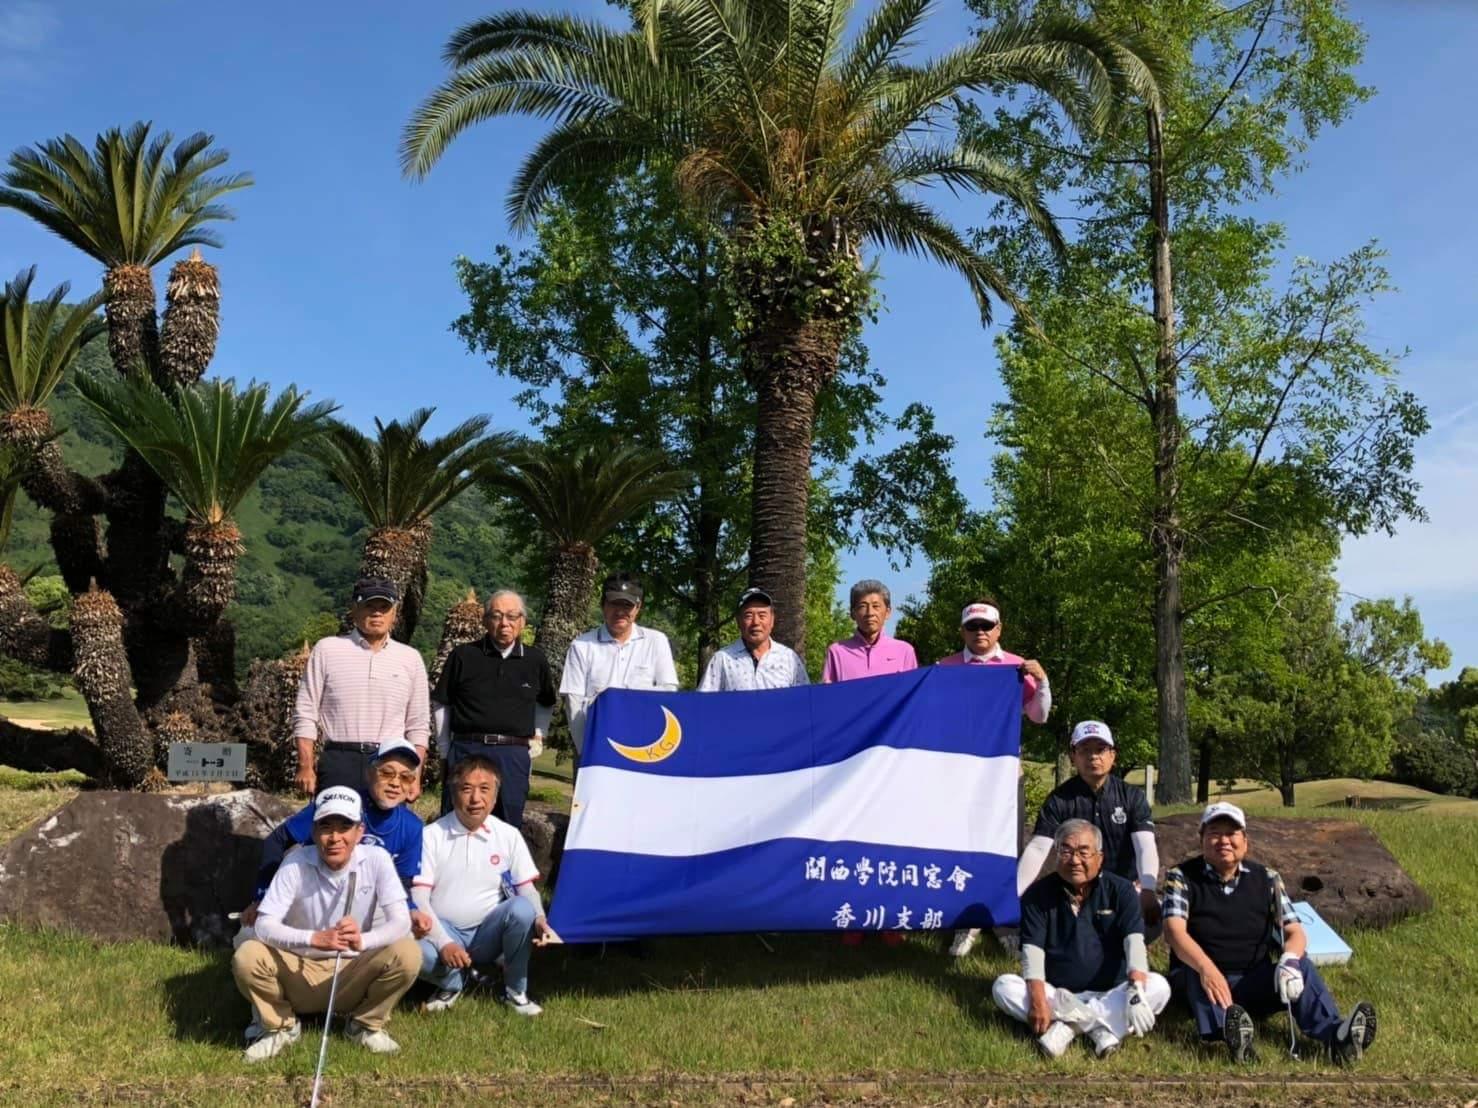 香川支部 第24回 香川支部ゴルフコンペ